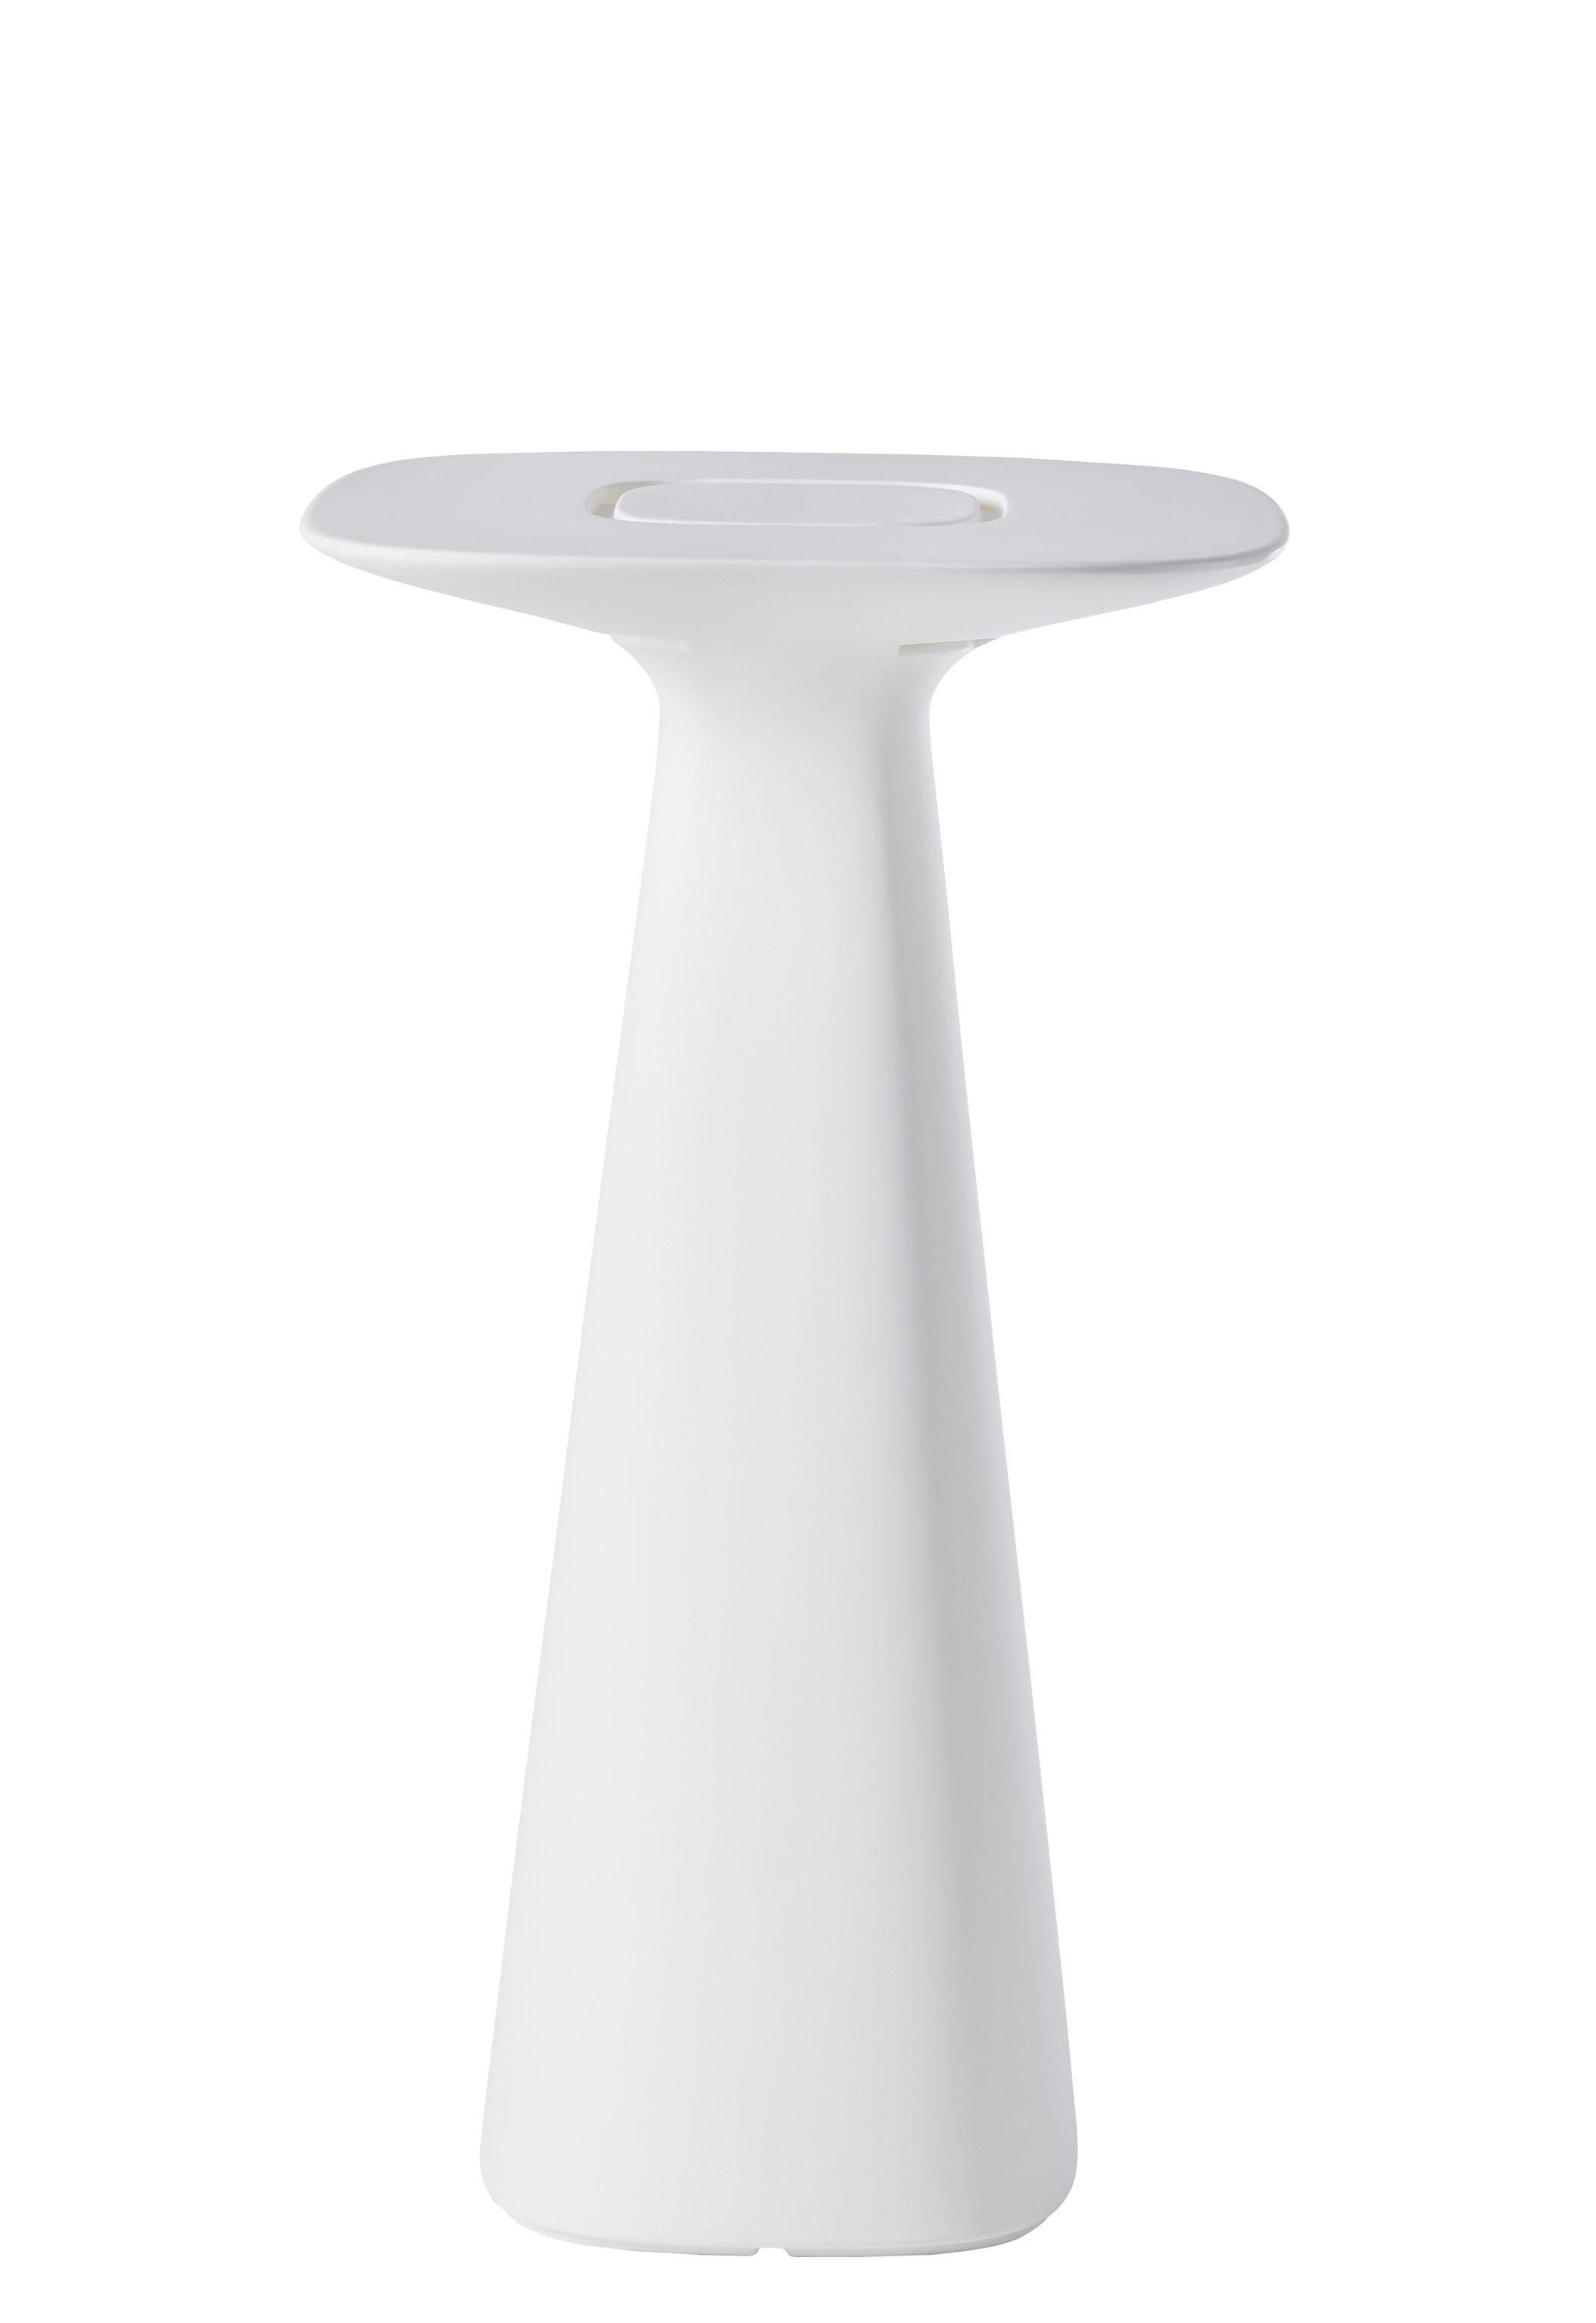 Mobilier - Mange-debout et bars - Mange-debout Amélie Up / 61 x 61 x H 110 cm - Slide - Blanc - polyéthène recyclable